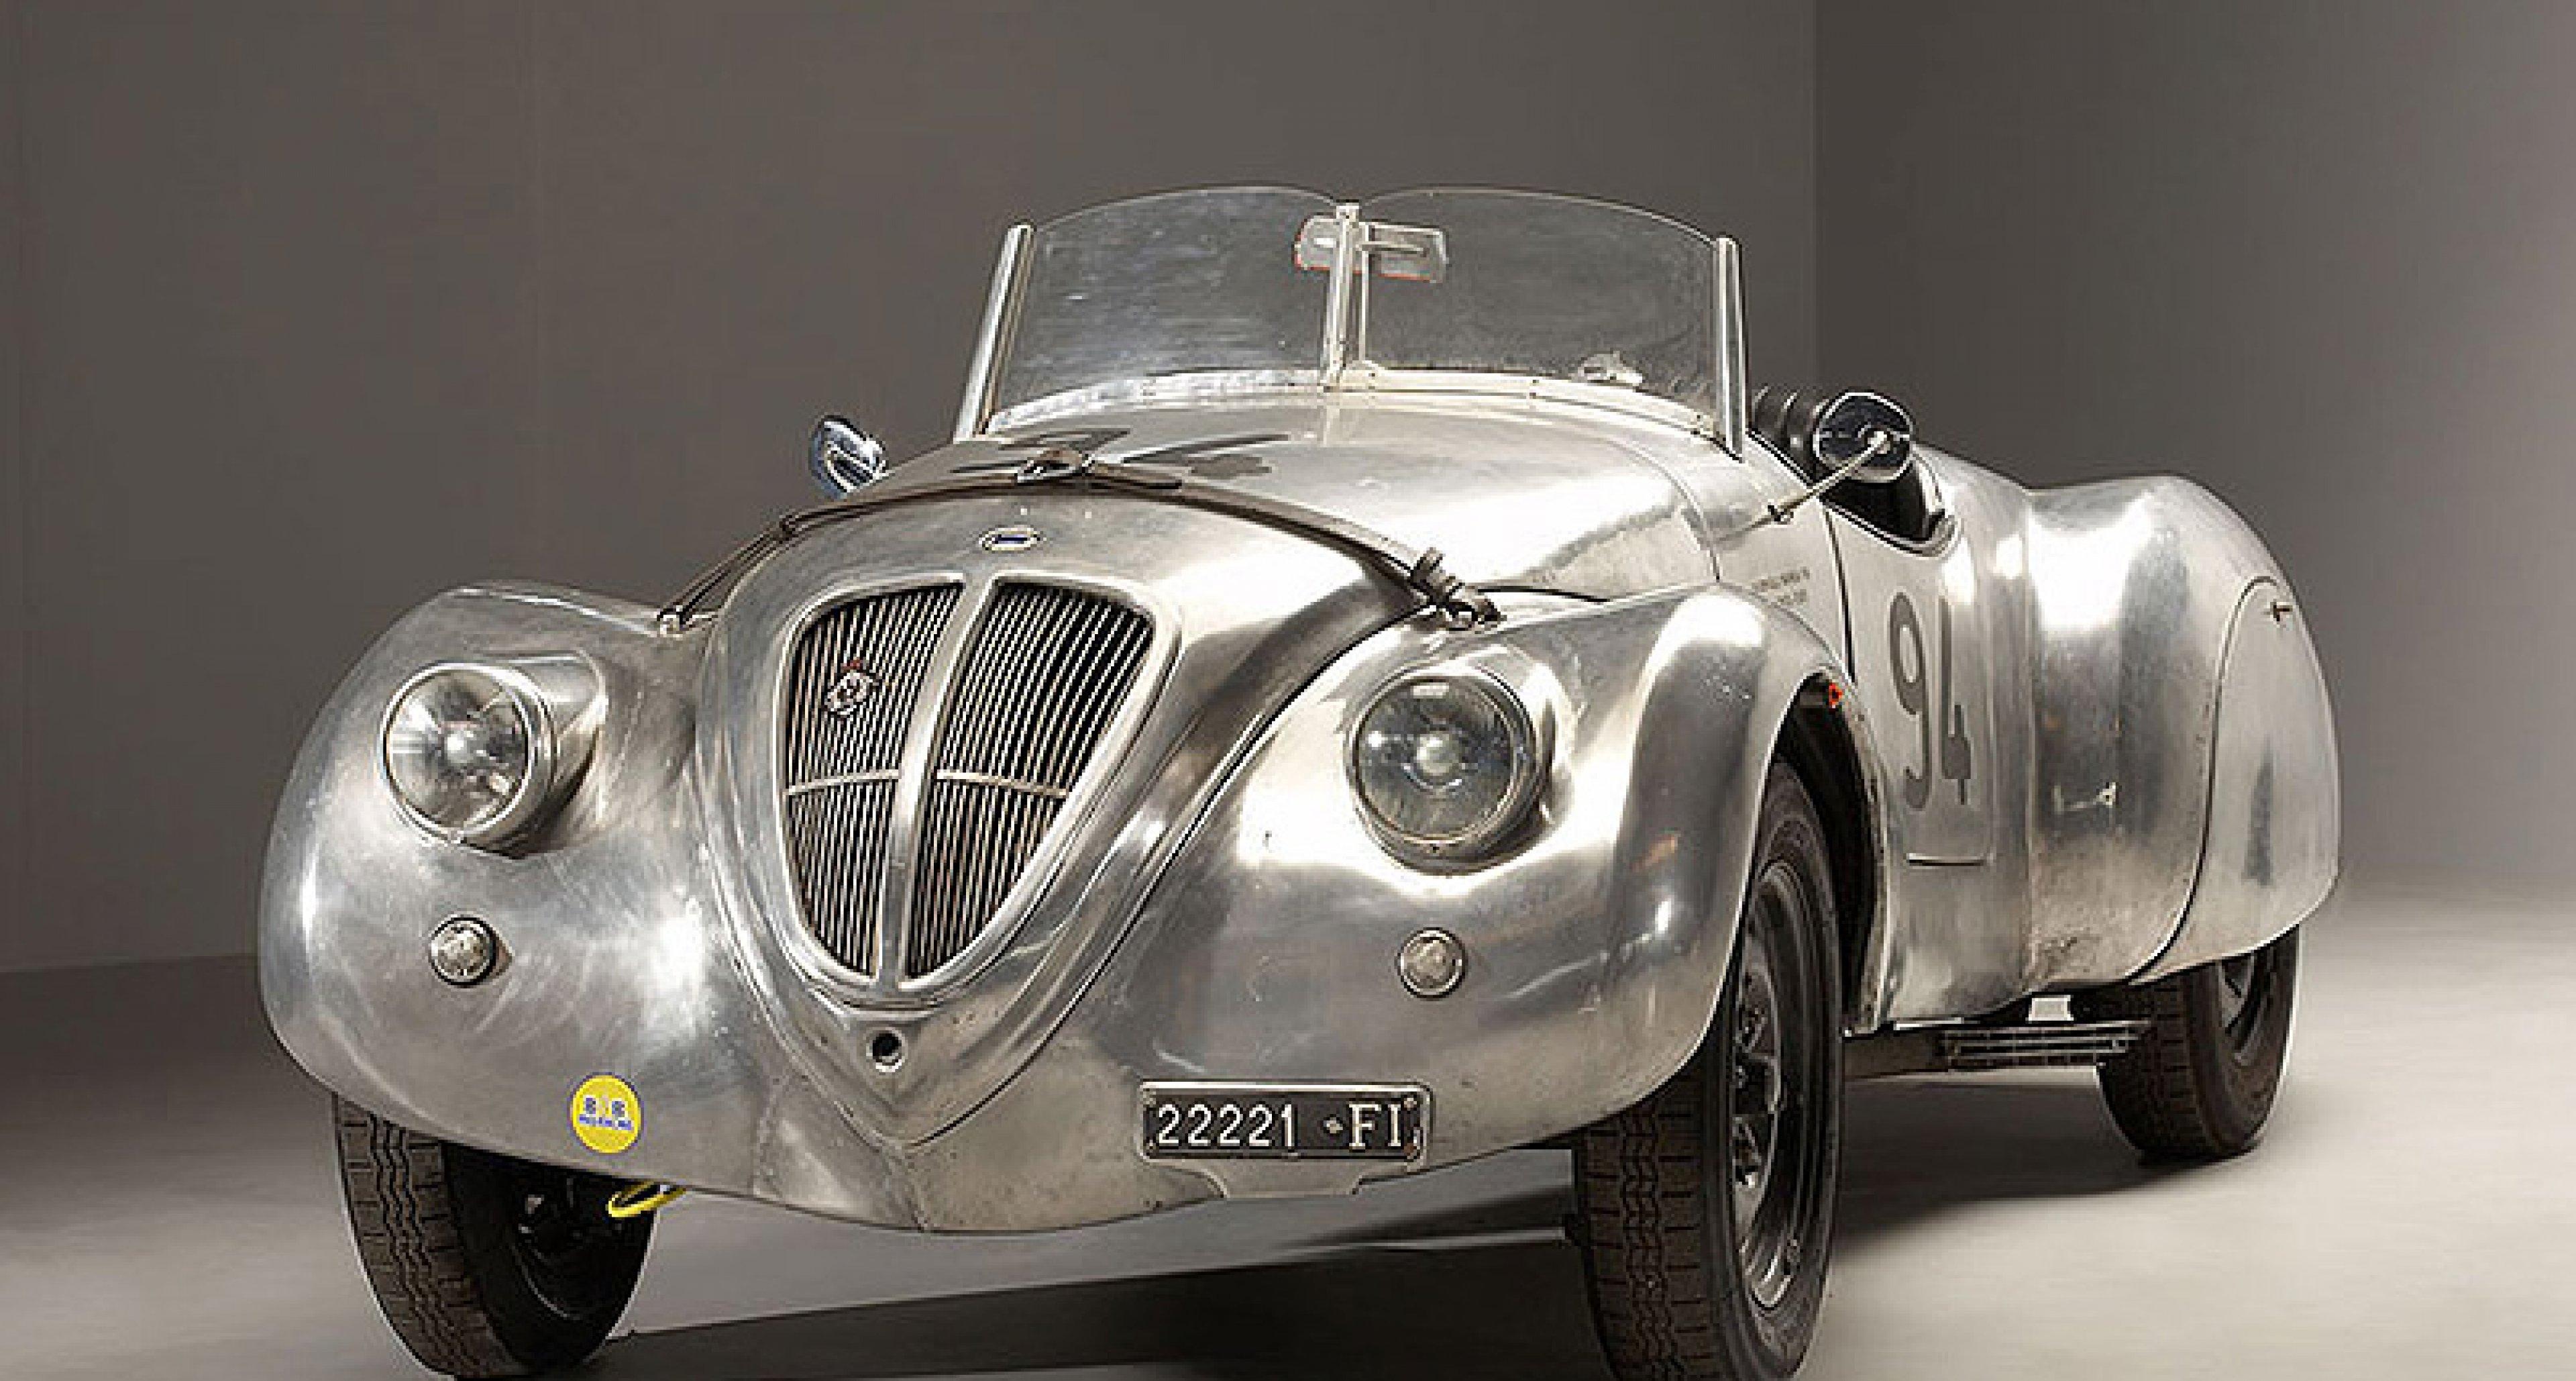 Lankes-Auktion bei der Mille Miglia 2011: Vorschau